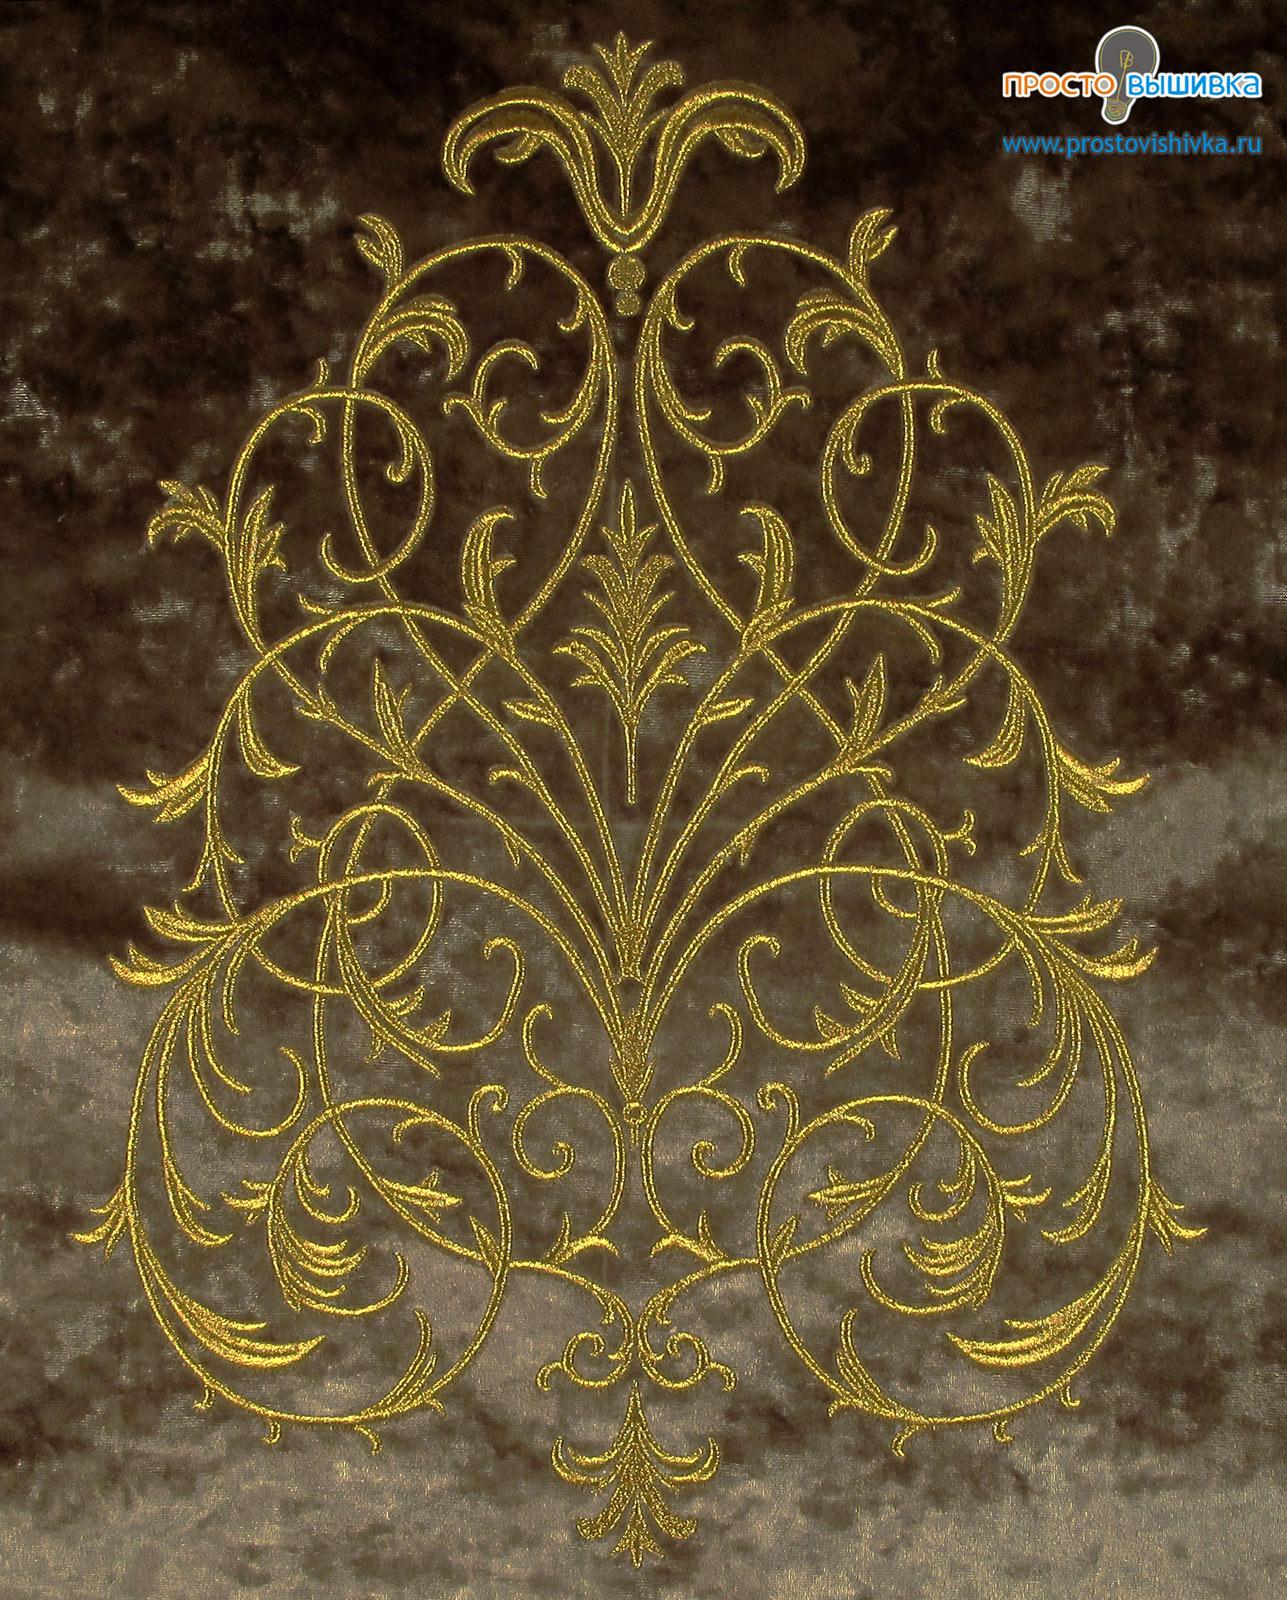 Вышивка золотыми нитками